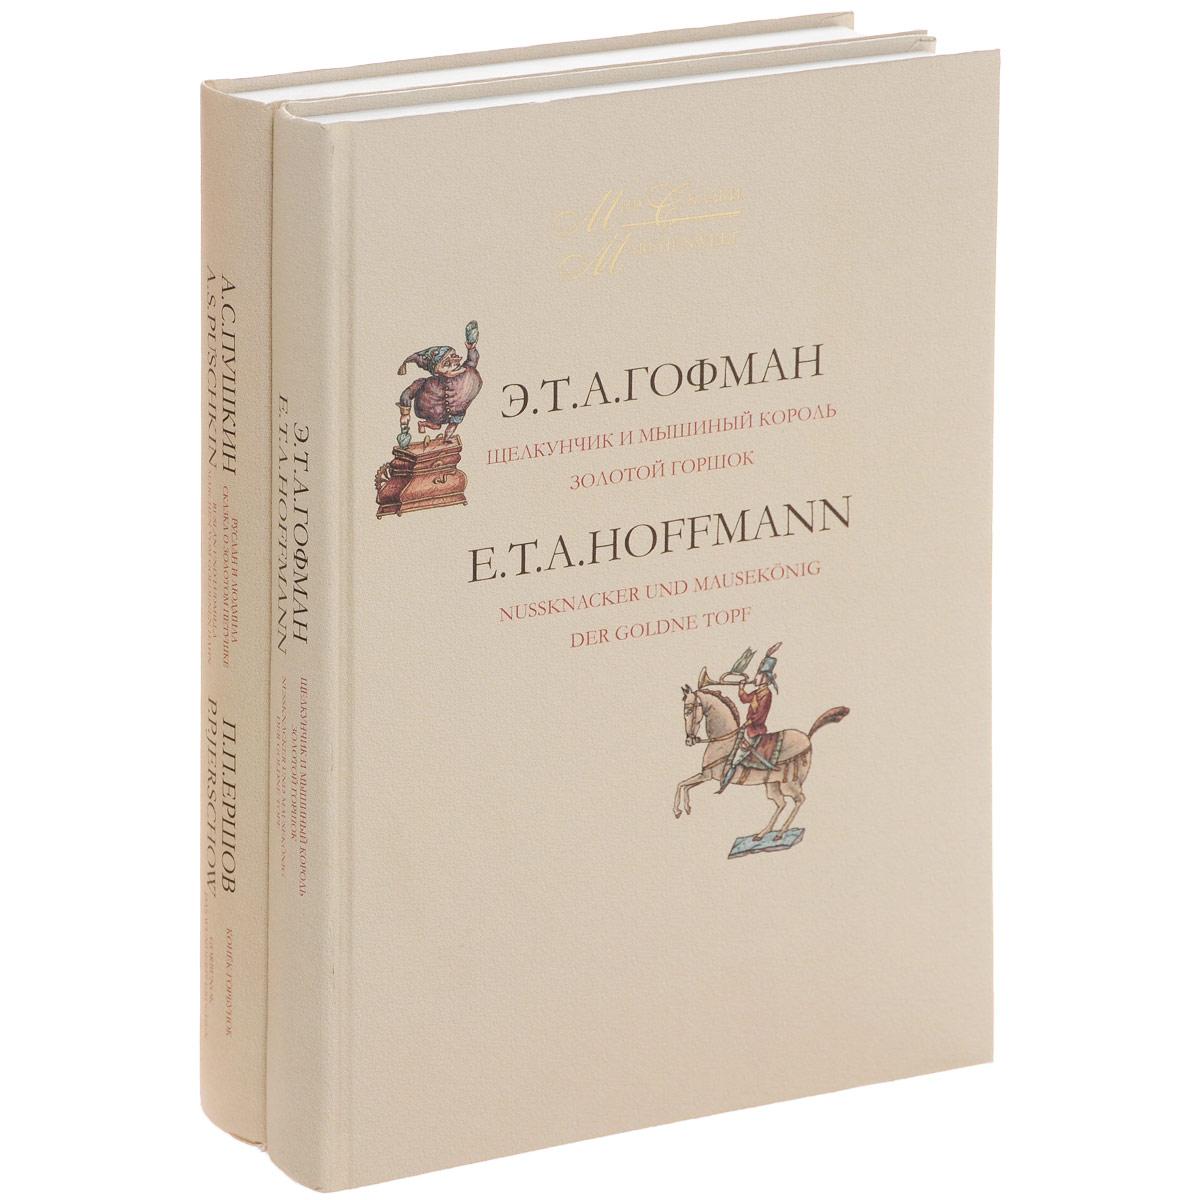 Zakazat.ru Marchenwelt / Мир сказки. В 2 томах (комплект из 2 книг). А. С. Пушкин, П. П. Ершов, Э. Т. А. Гофман